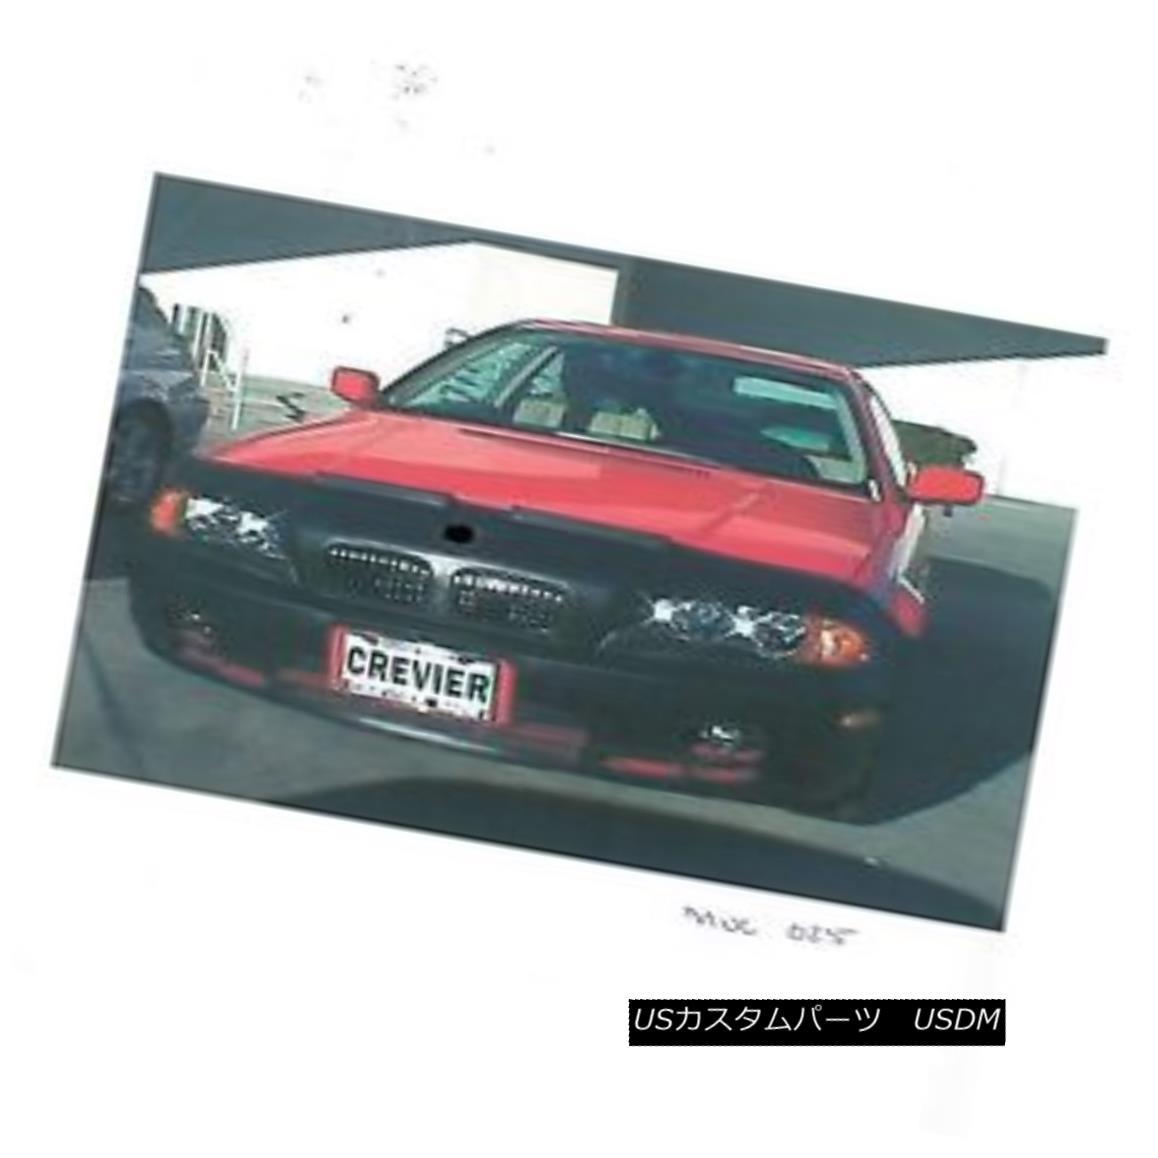 フルブラ ノーズブラ Colgan Front End Mask Bra 2pc. Fits BMW 325Ci 2001-2003 With License Plate コルガンフロントエンドマスクブラ2pc ライセンスプレート付きBMW 325Ci 2001-2003に適合